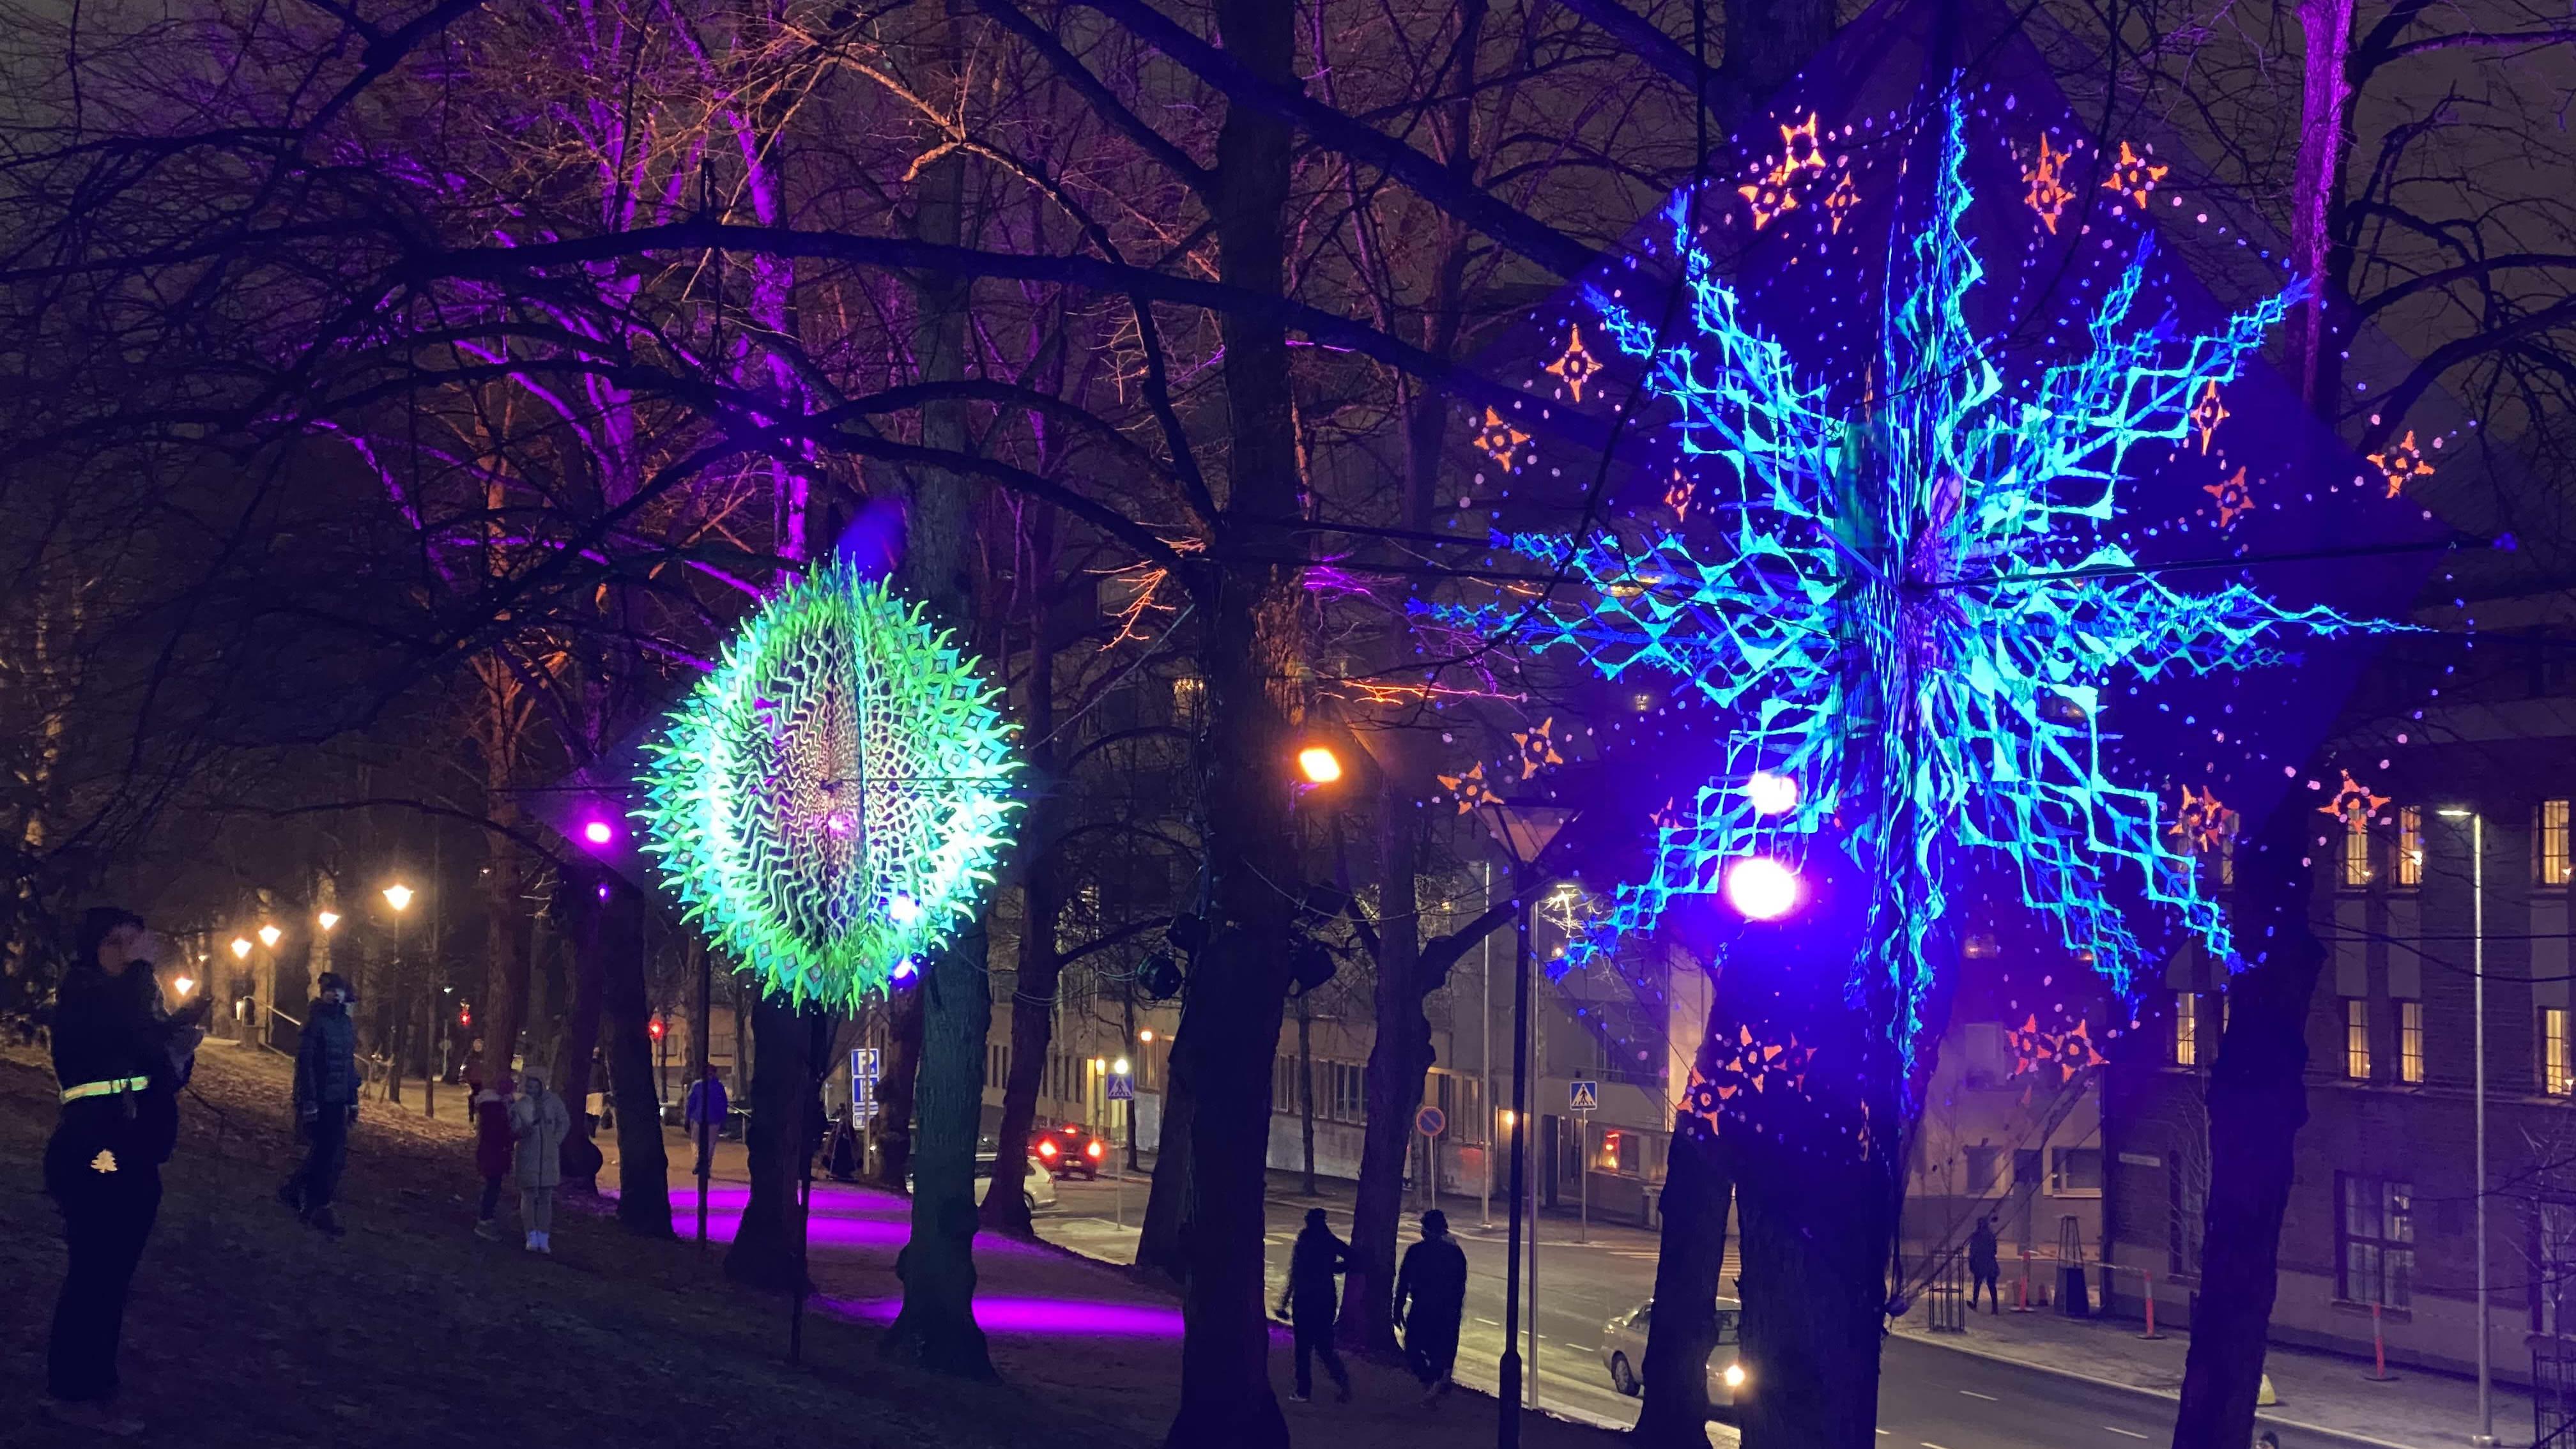 Lahden kirkkopuisto on valaistu Lahden taidemuseon 70-vuotisjuhlien kunniaksi Flowers of life -ryhmän valotaiteella.